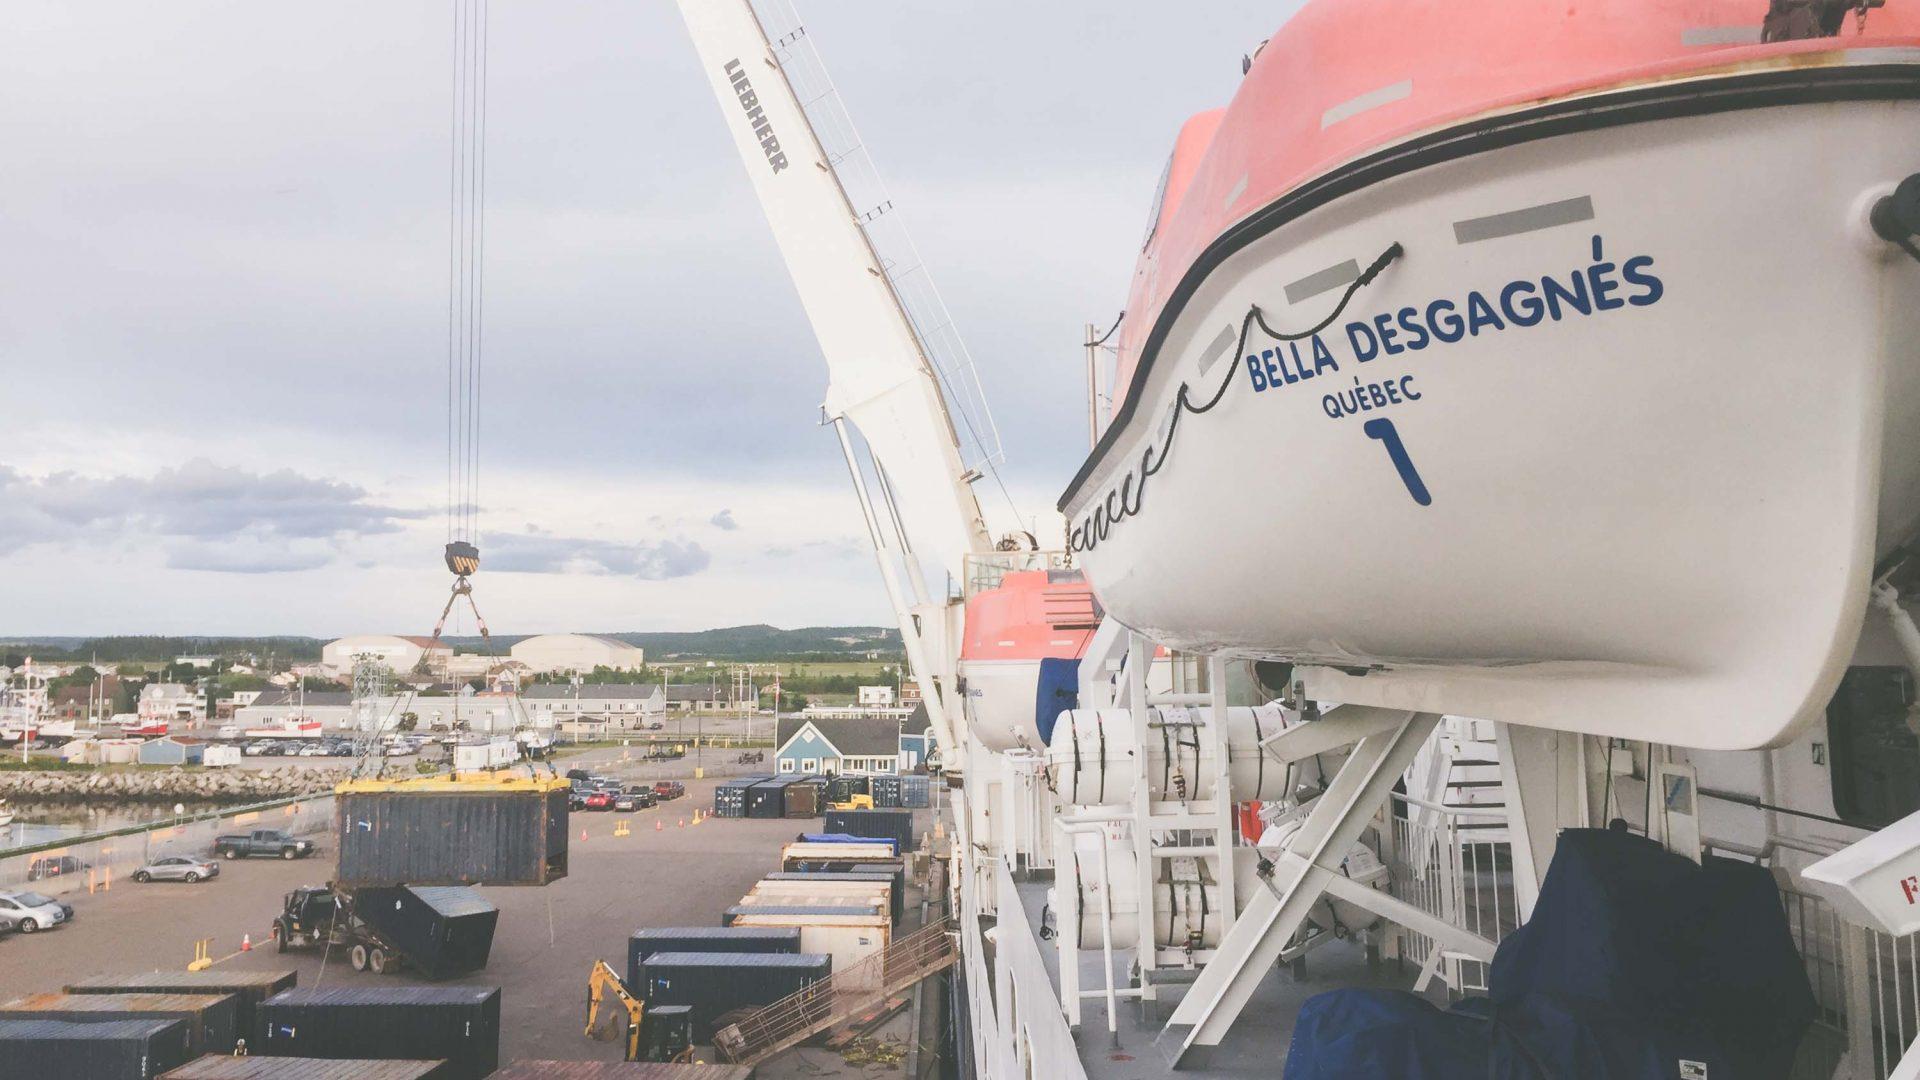 Cargo ship MV Bella Desgagnes offloading cargo.